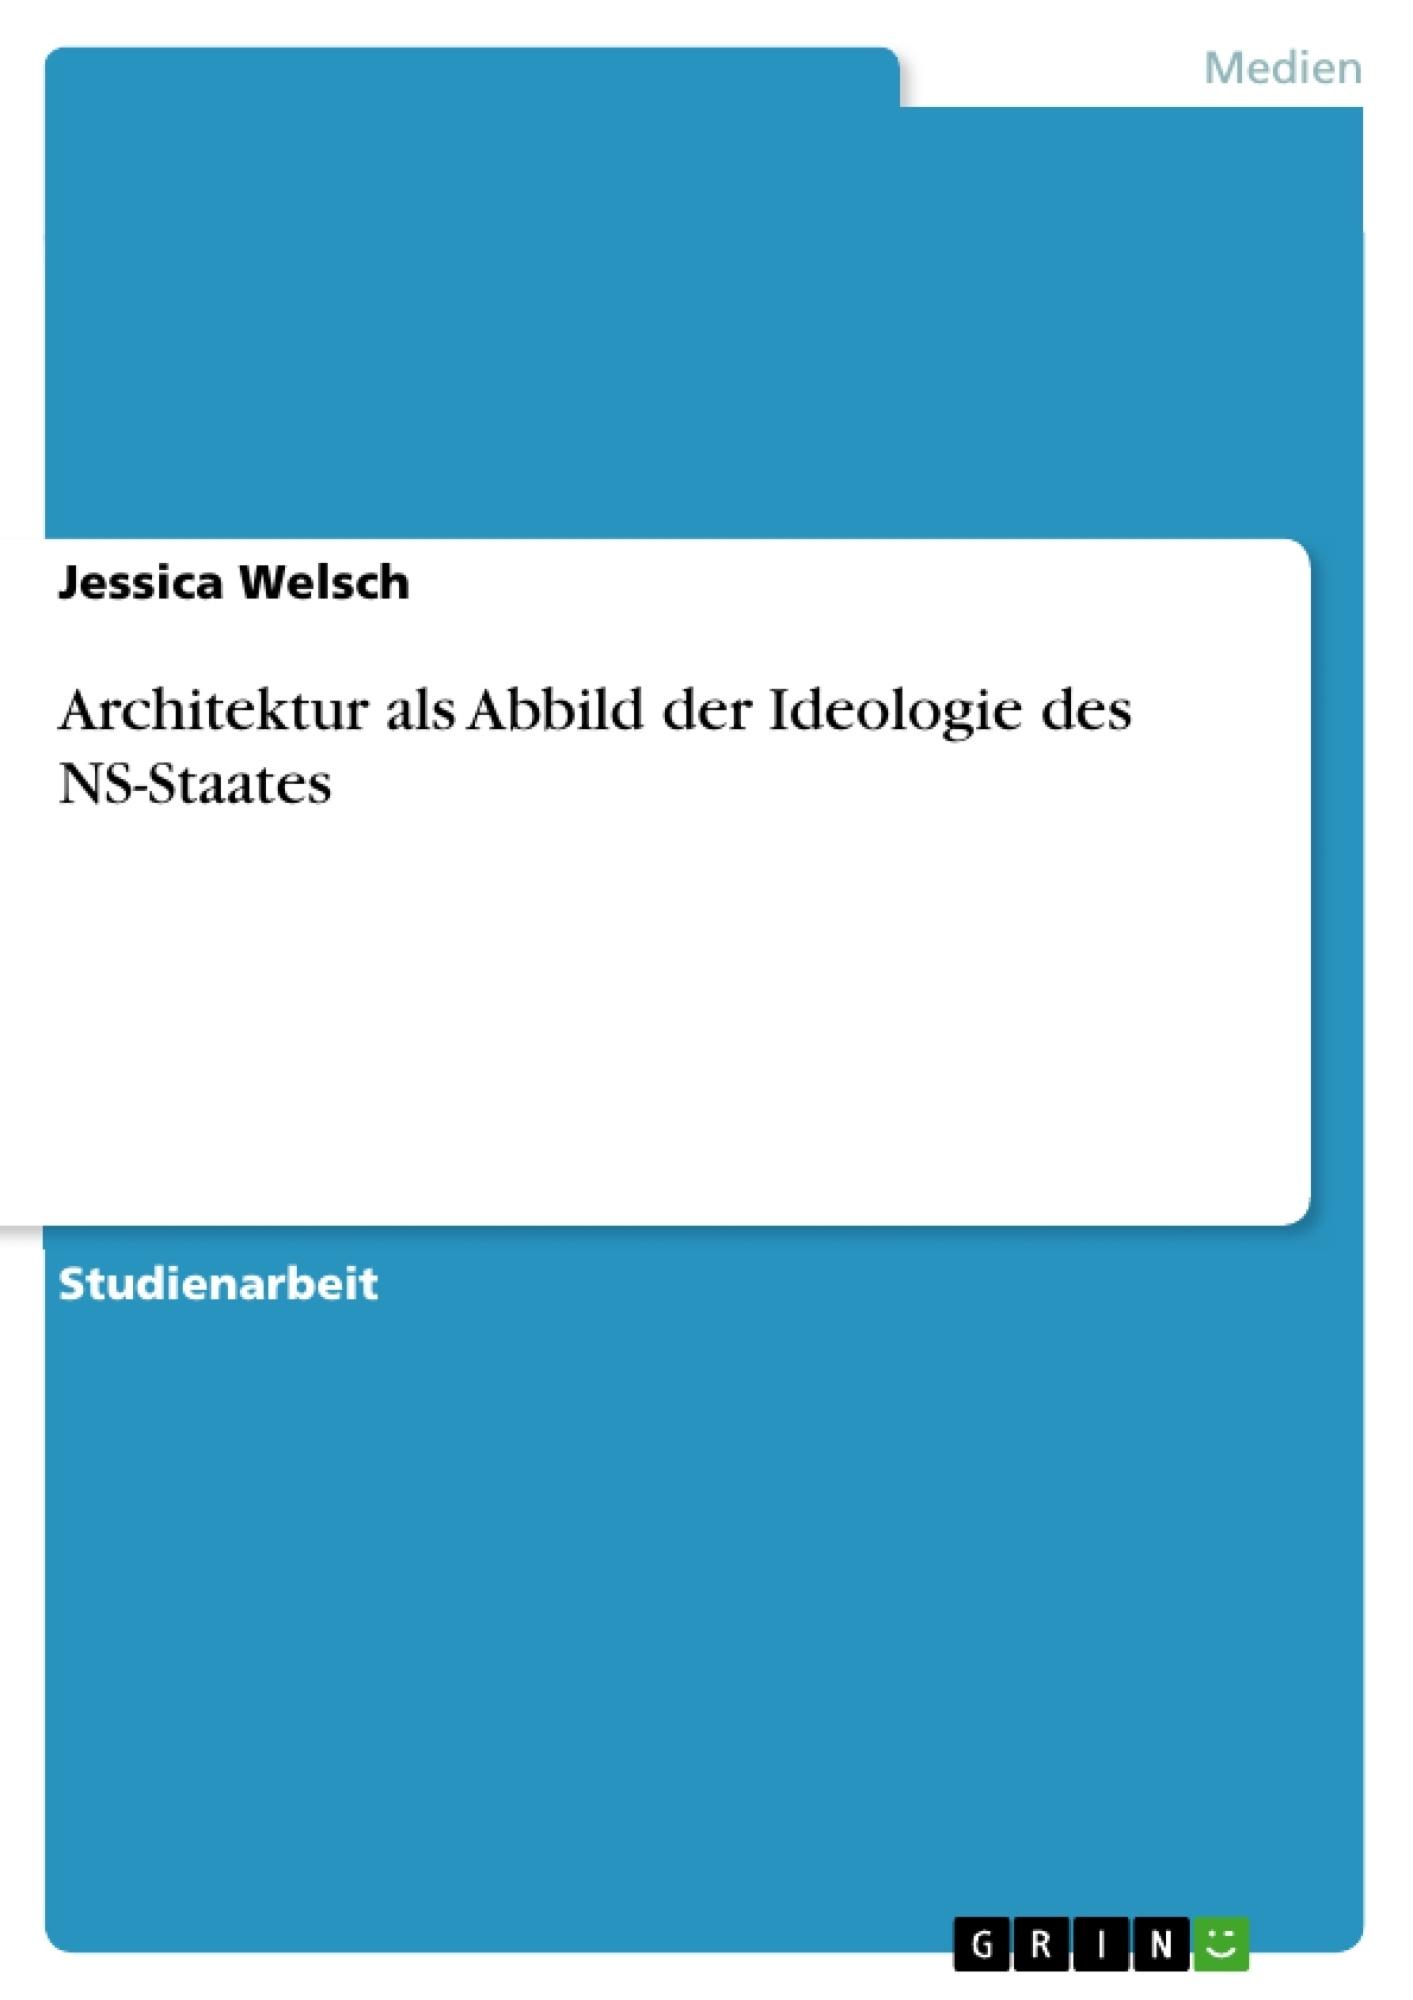 Titel: Architektur als Abbild der Ideologie des NS-Staates